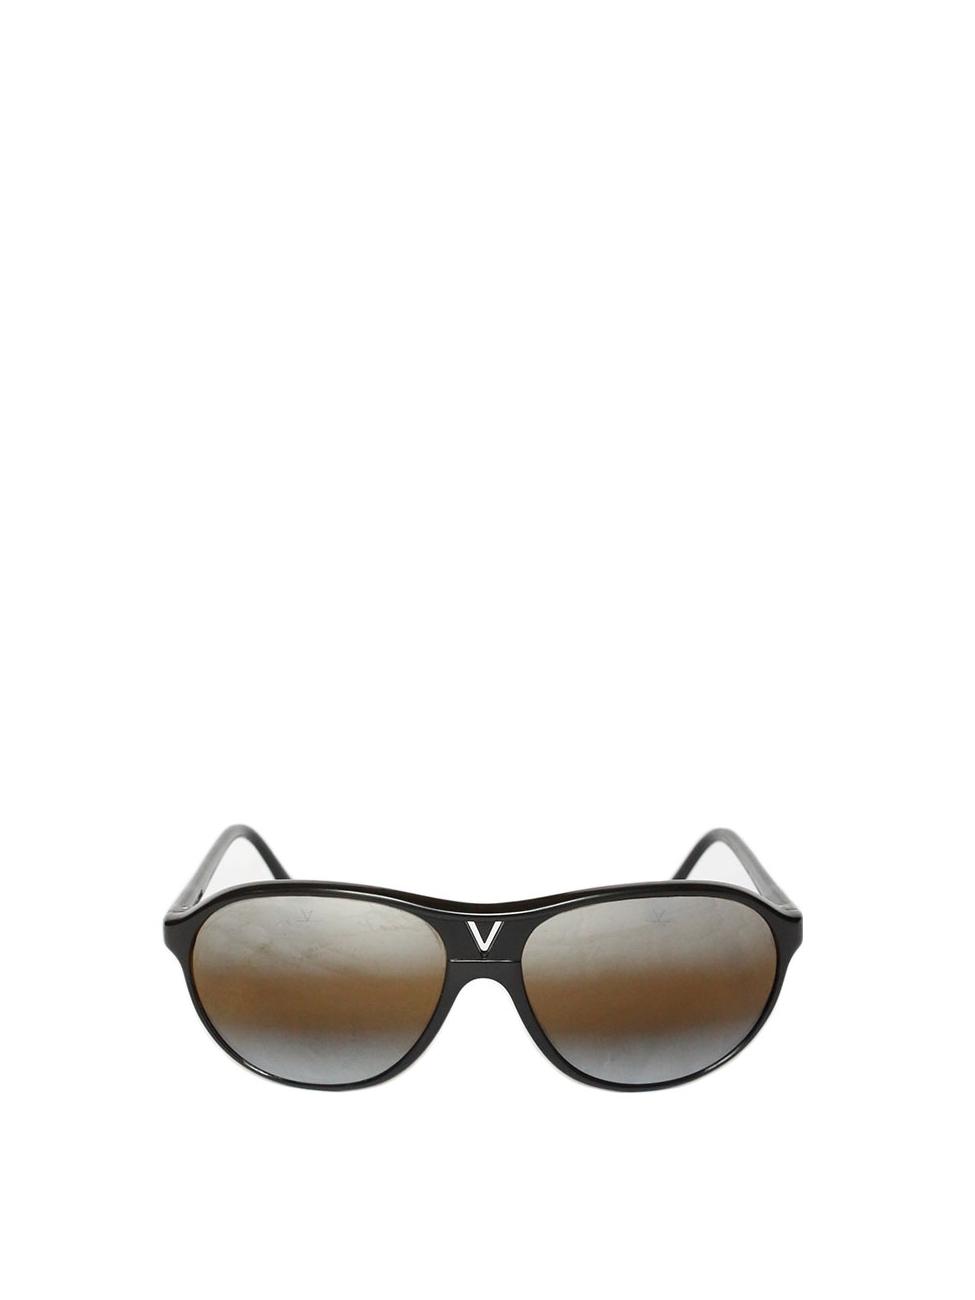 1a7363638c29 Louise Paris - VINTAGE VUARNET 085 Pouilloux black sunglasses Retail ...